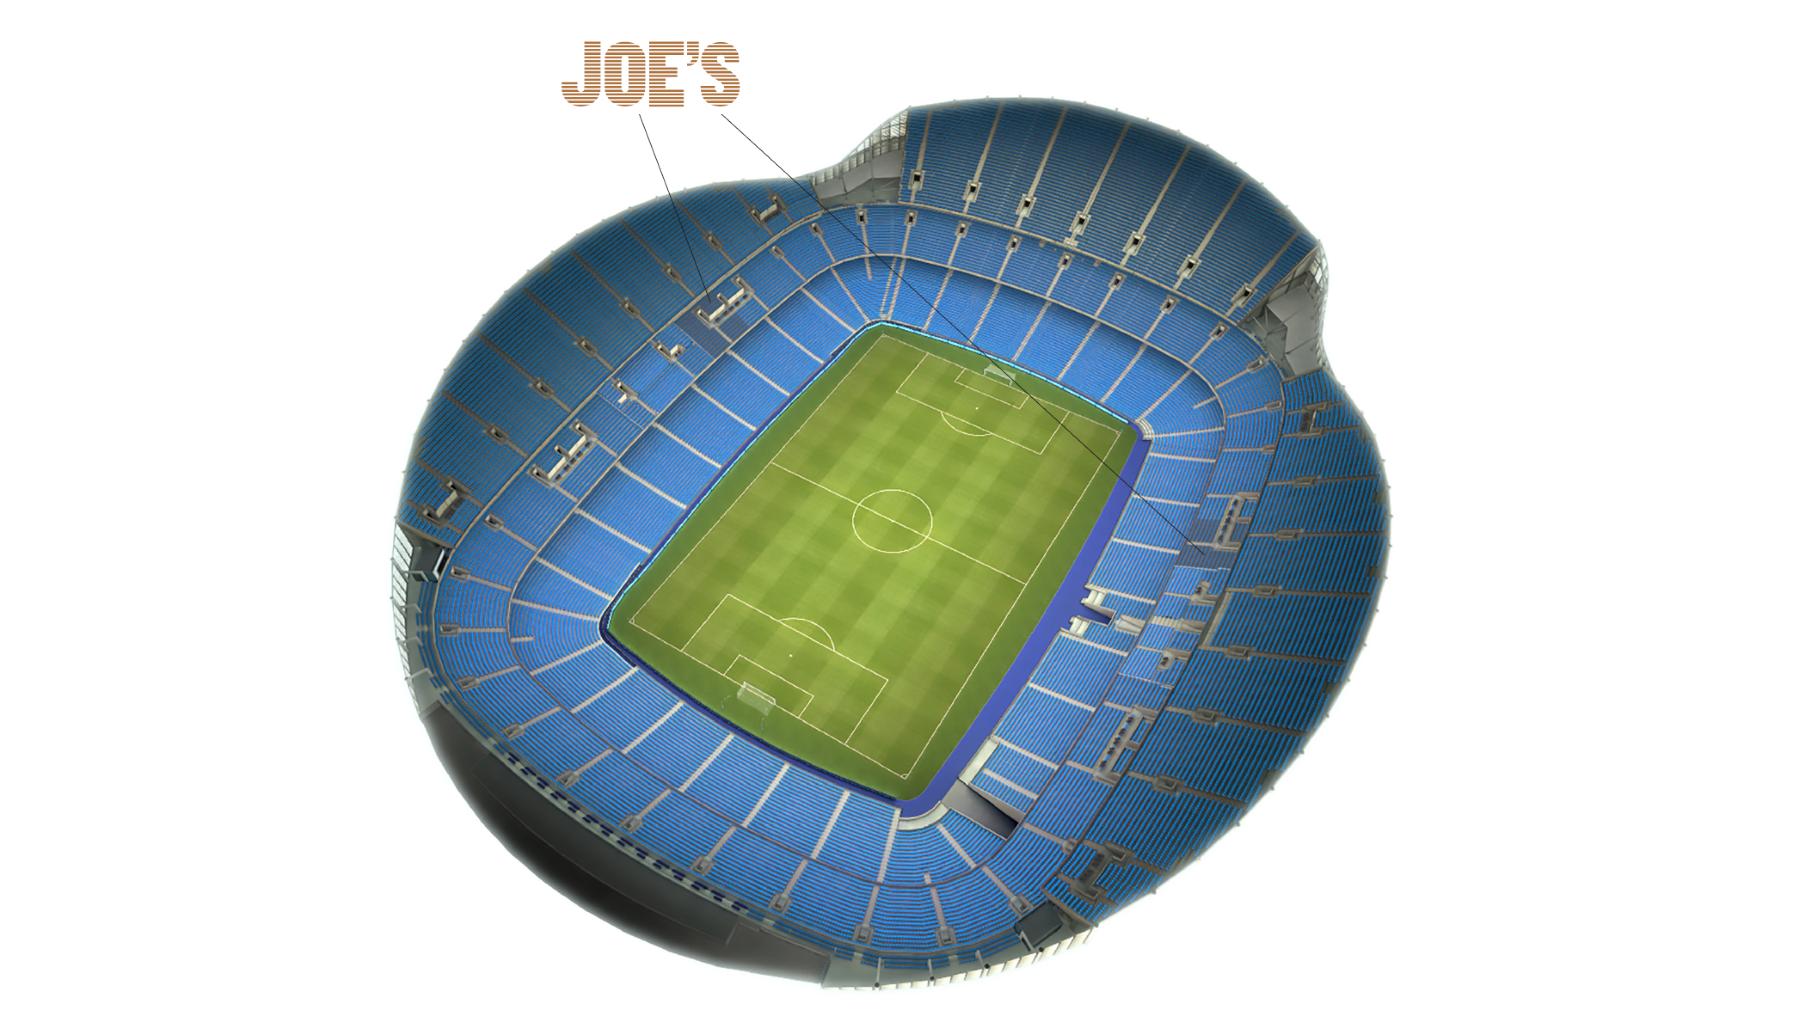 Stadium plan indicating seating for Joe